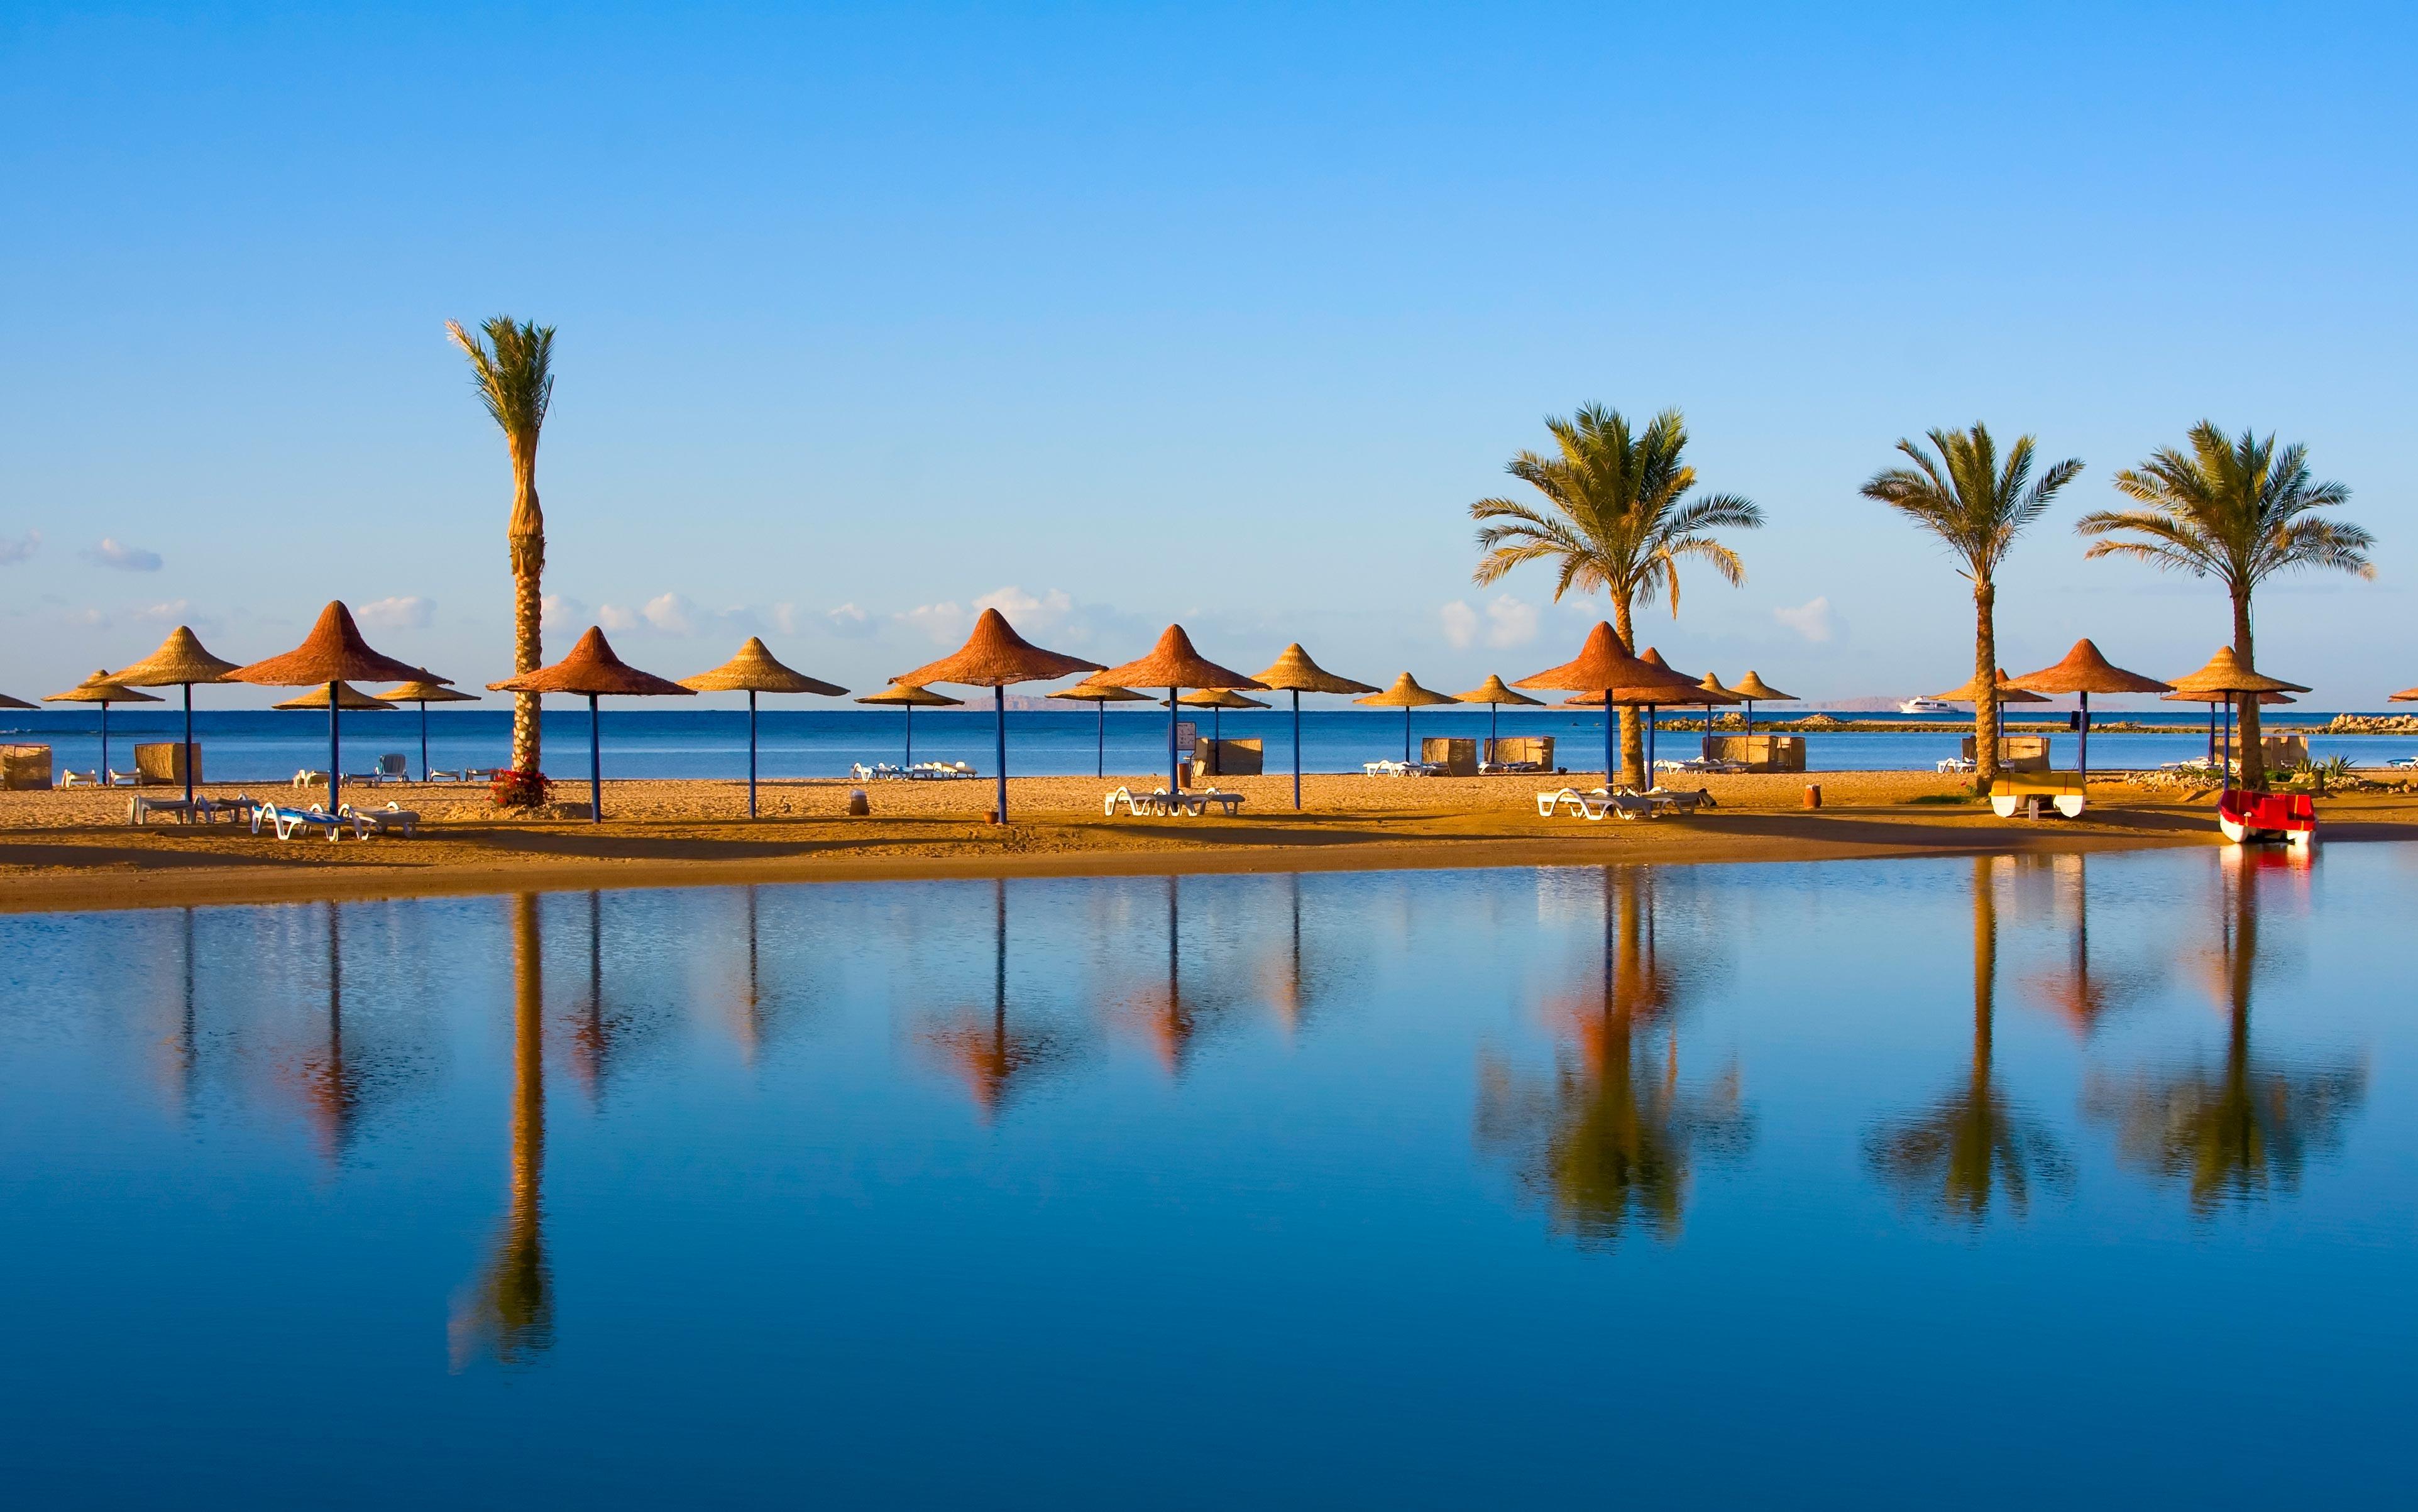 Langes Wochenende im 4 Sterne Hotel Le Jardin Aqua Park Resort(Ägypten) für 86€. Flüge ab Düsseldorf